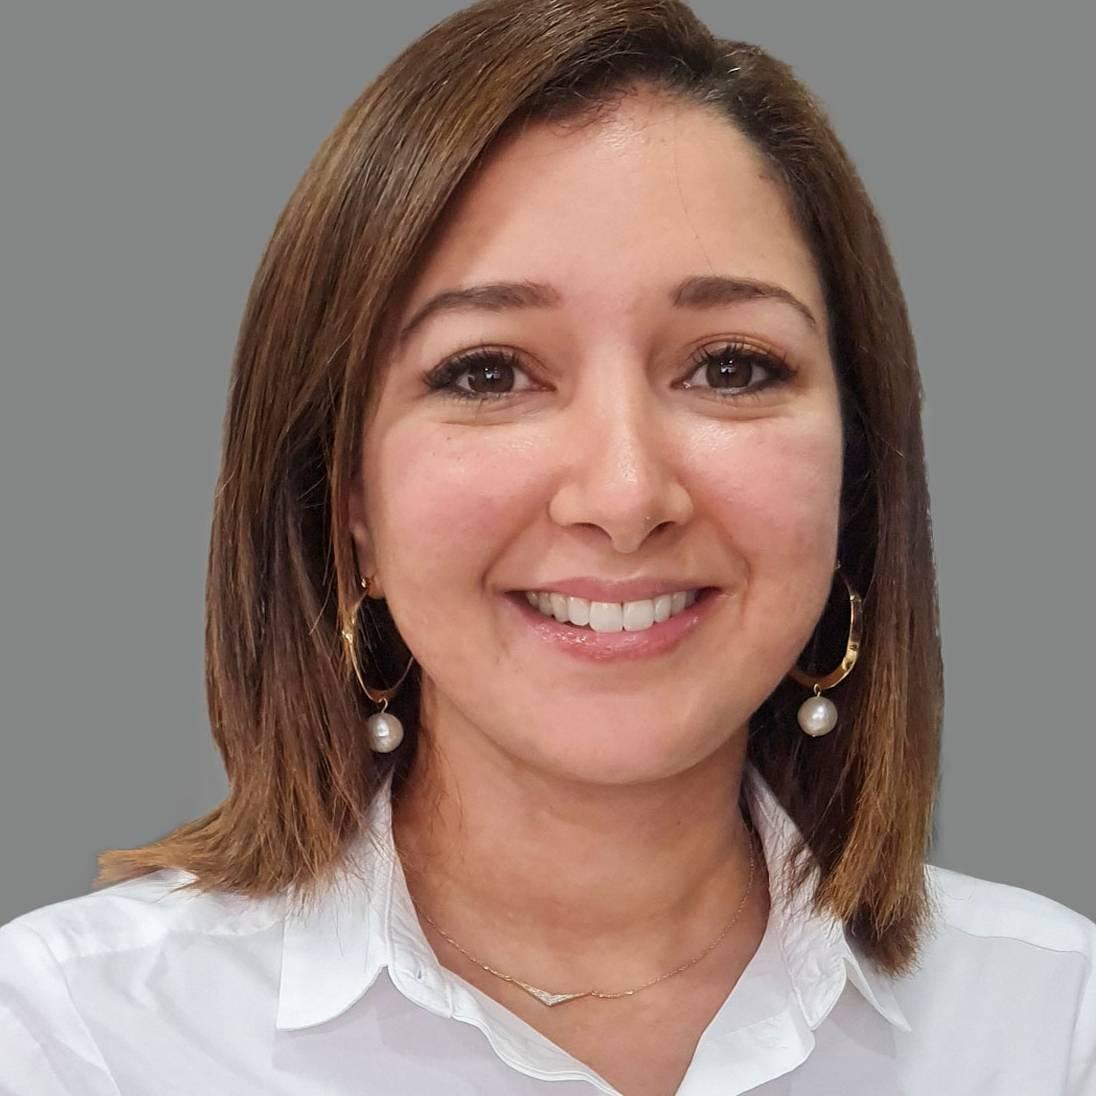 Sabrina Bouchiba